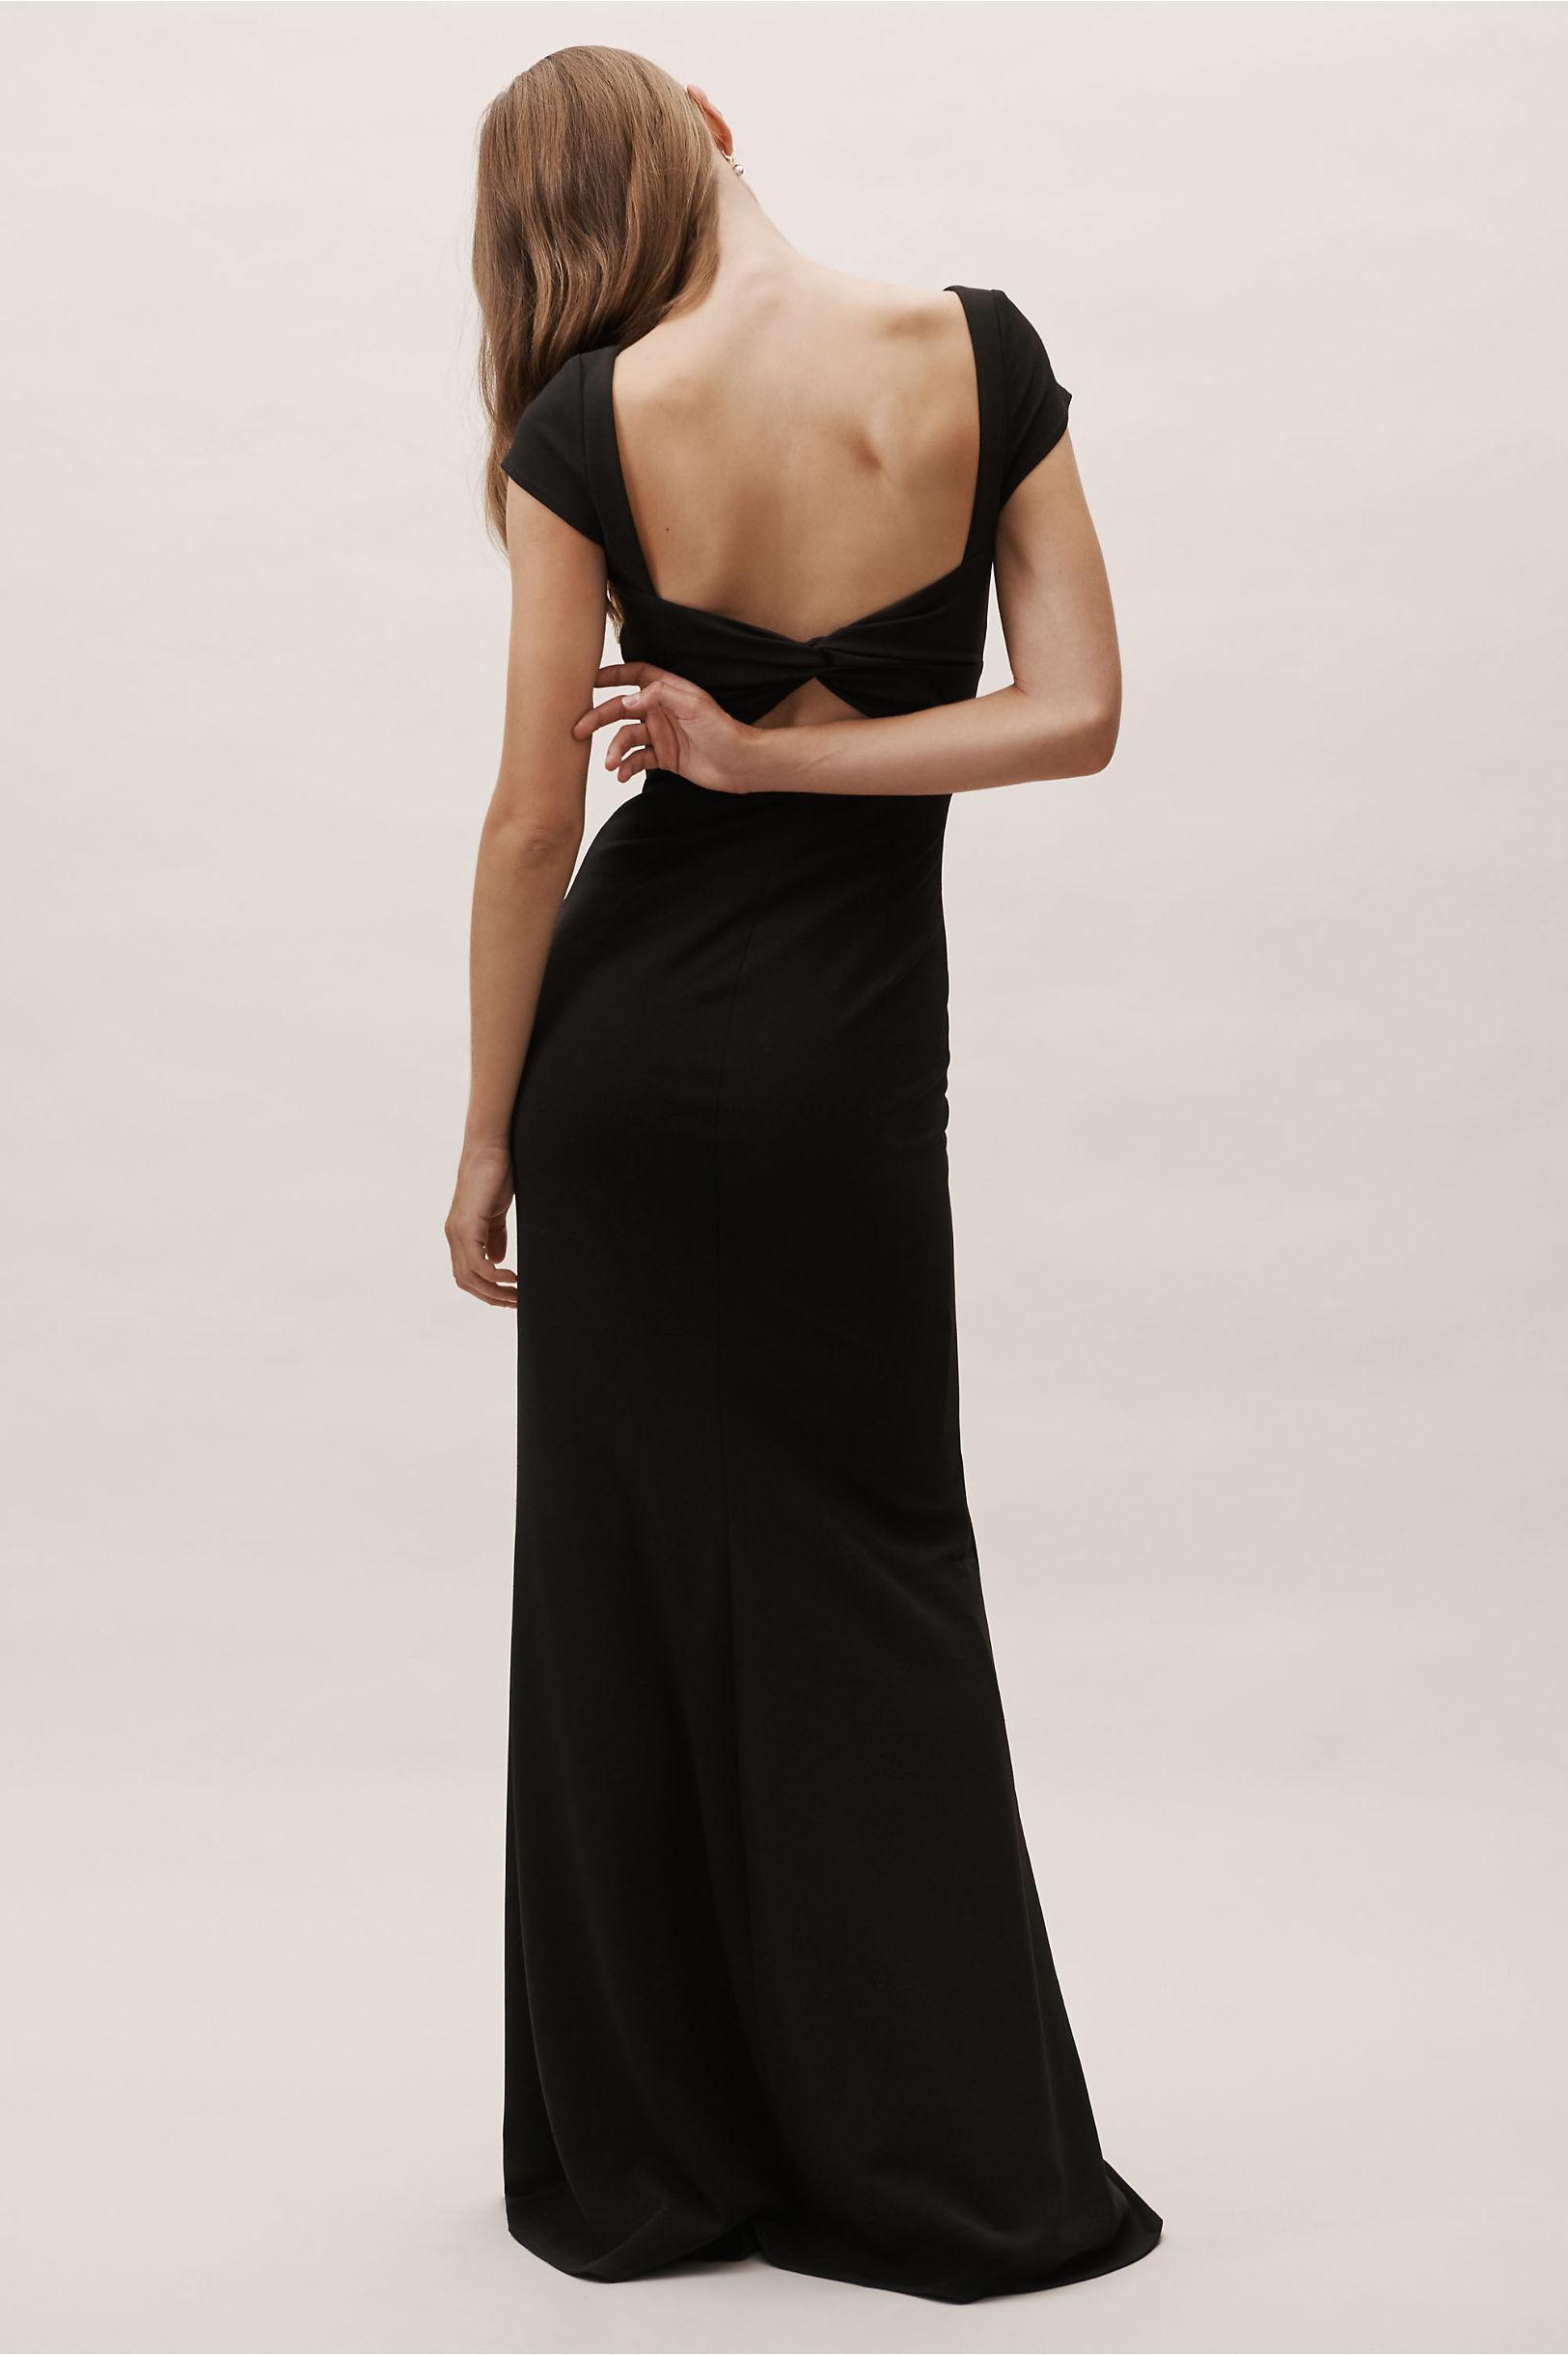 e9c22ba79604 Amazon.com: burgundy bridesmaid dresses long. Burgundy Chiffon Long  Bridesmaid Dress with Ruched V Neck And Halter Adjustable Strap Maxi Dress  Empire Waist.